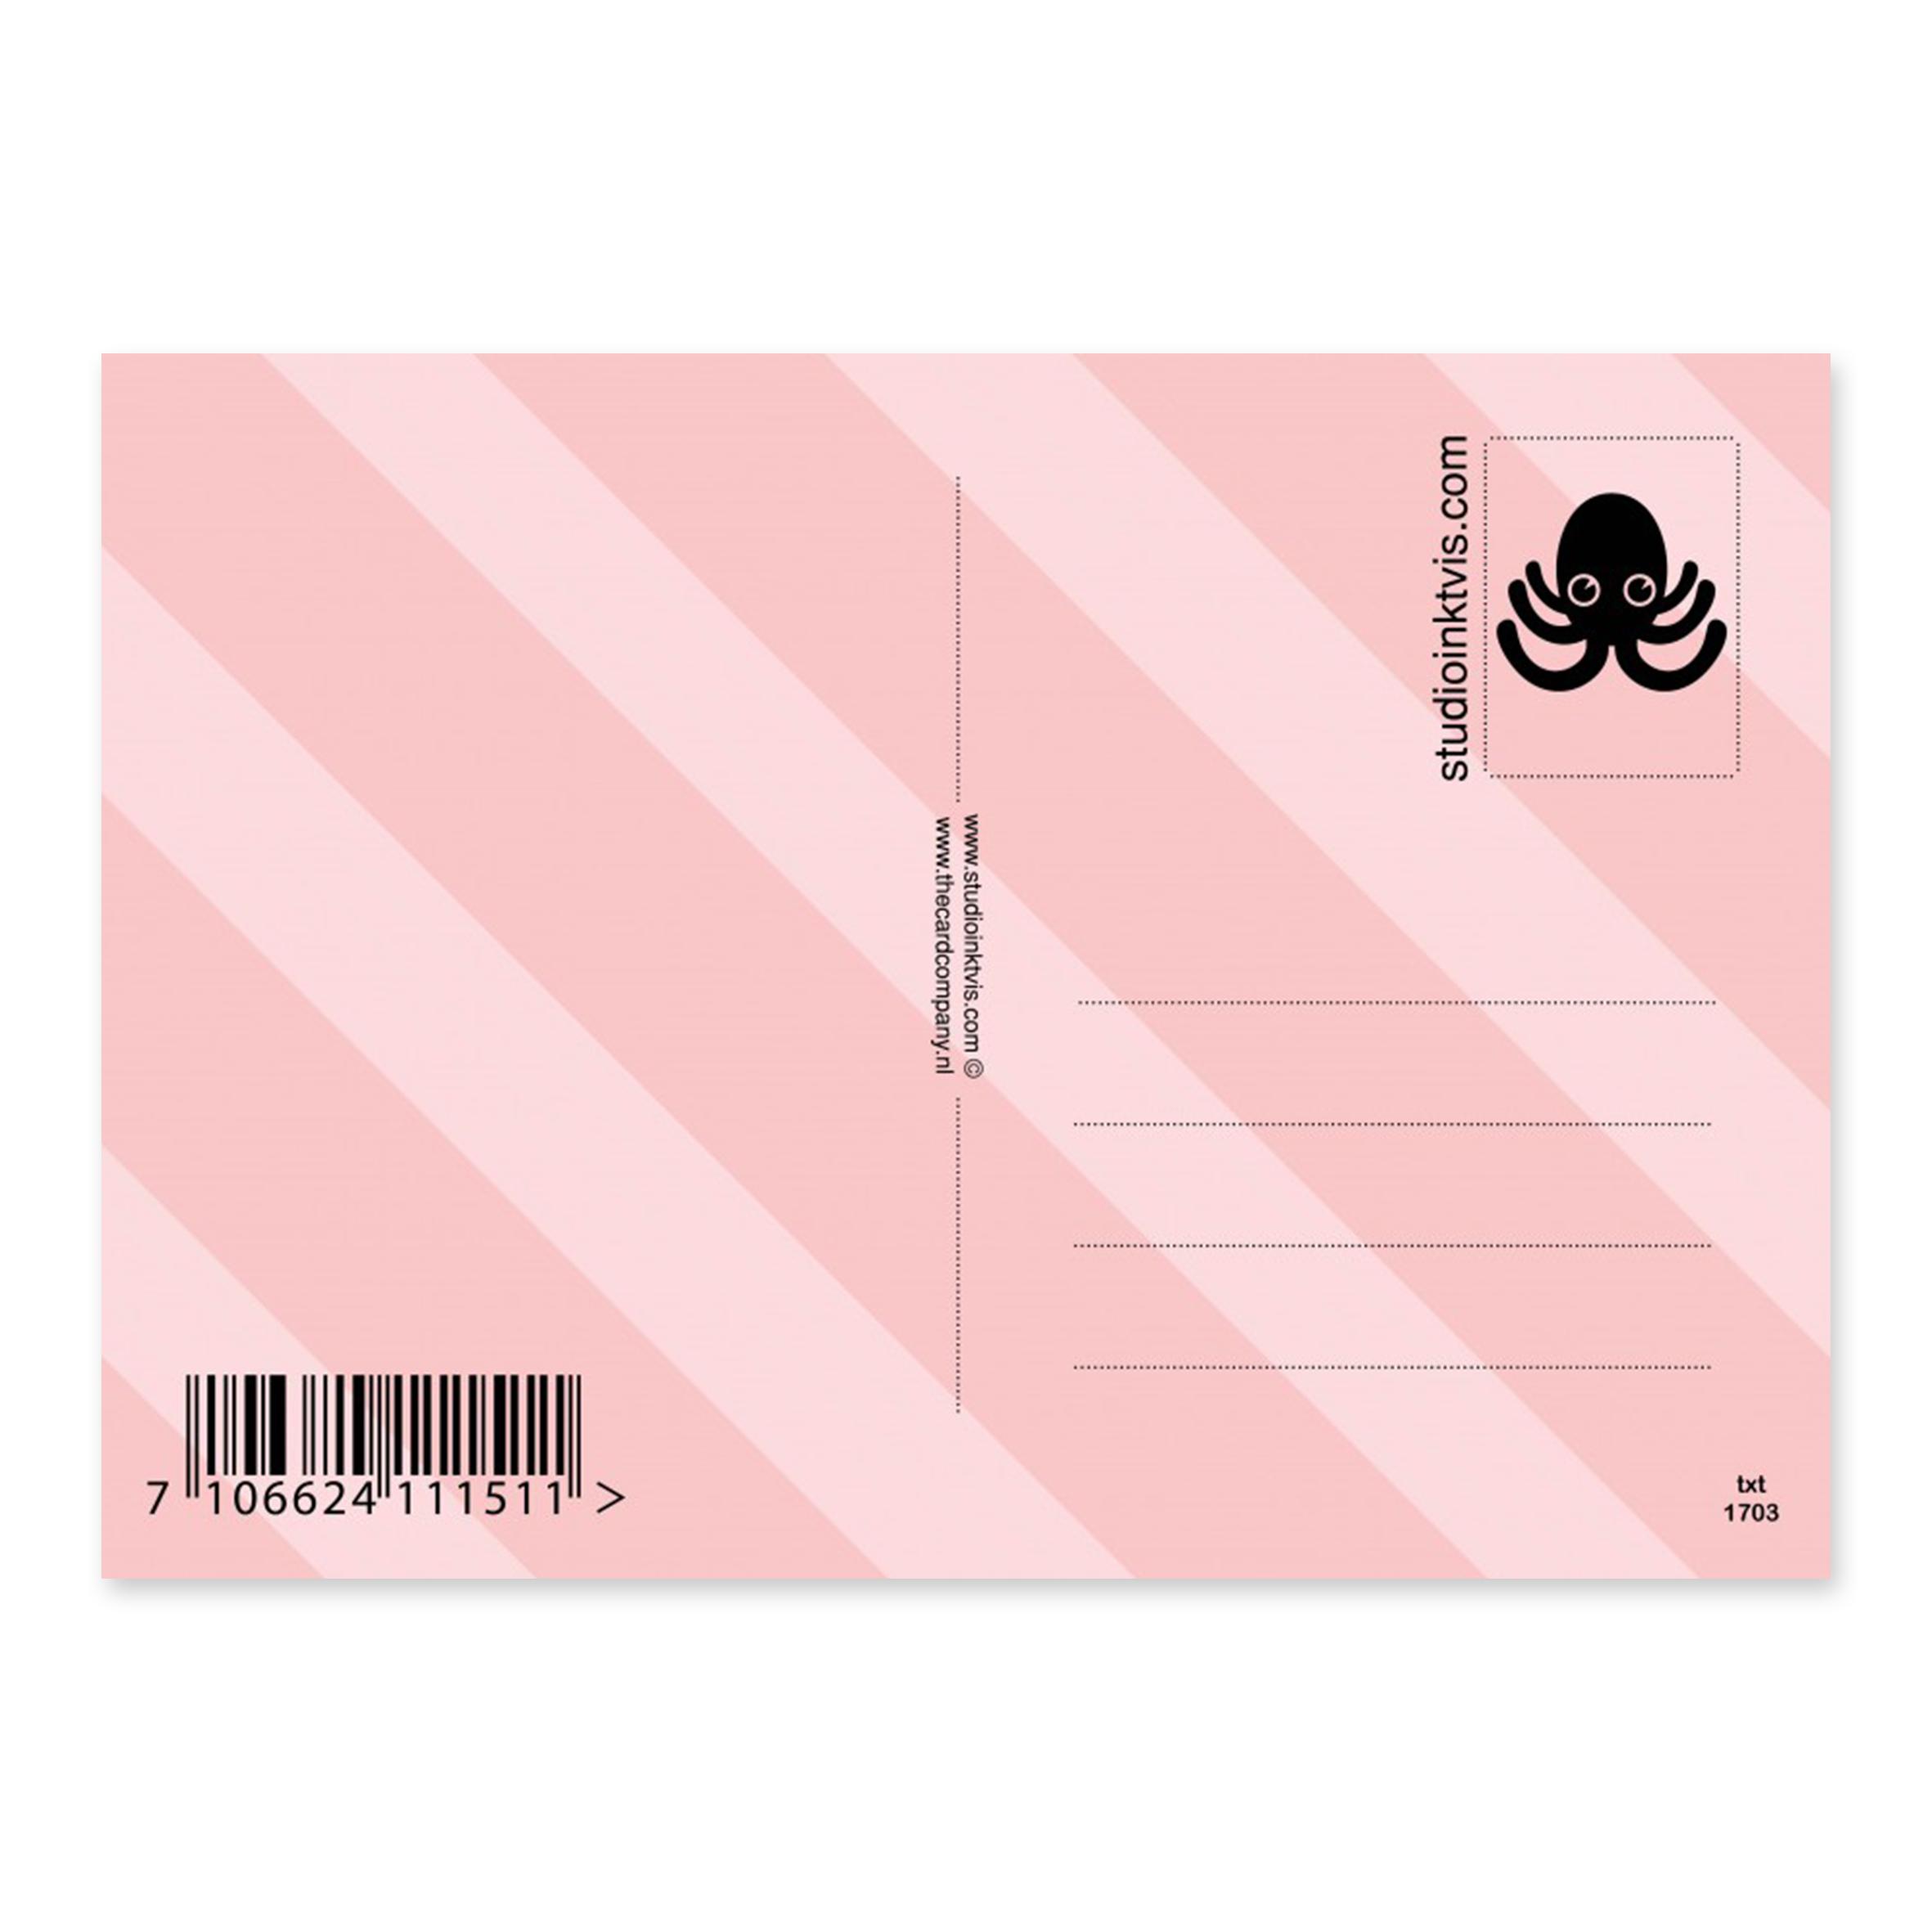 studioinktvis-kaart-ifyoucannotbepositivebequiet-achterkant